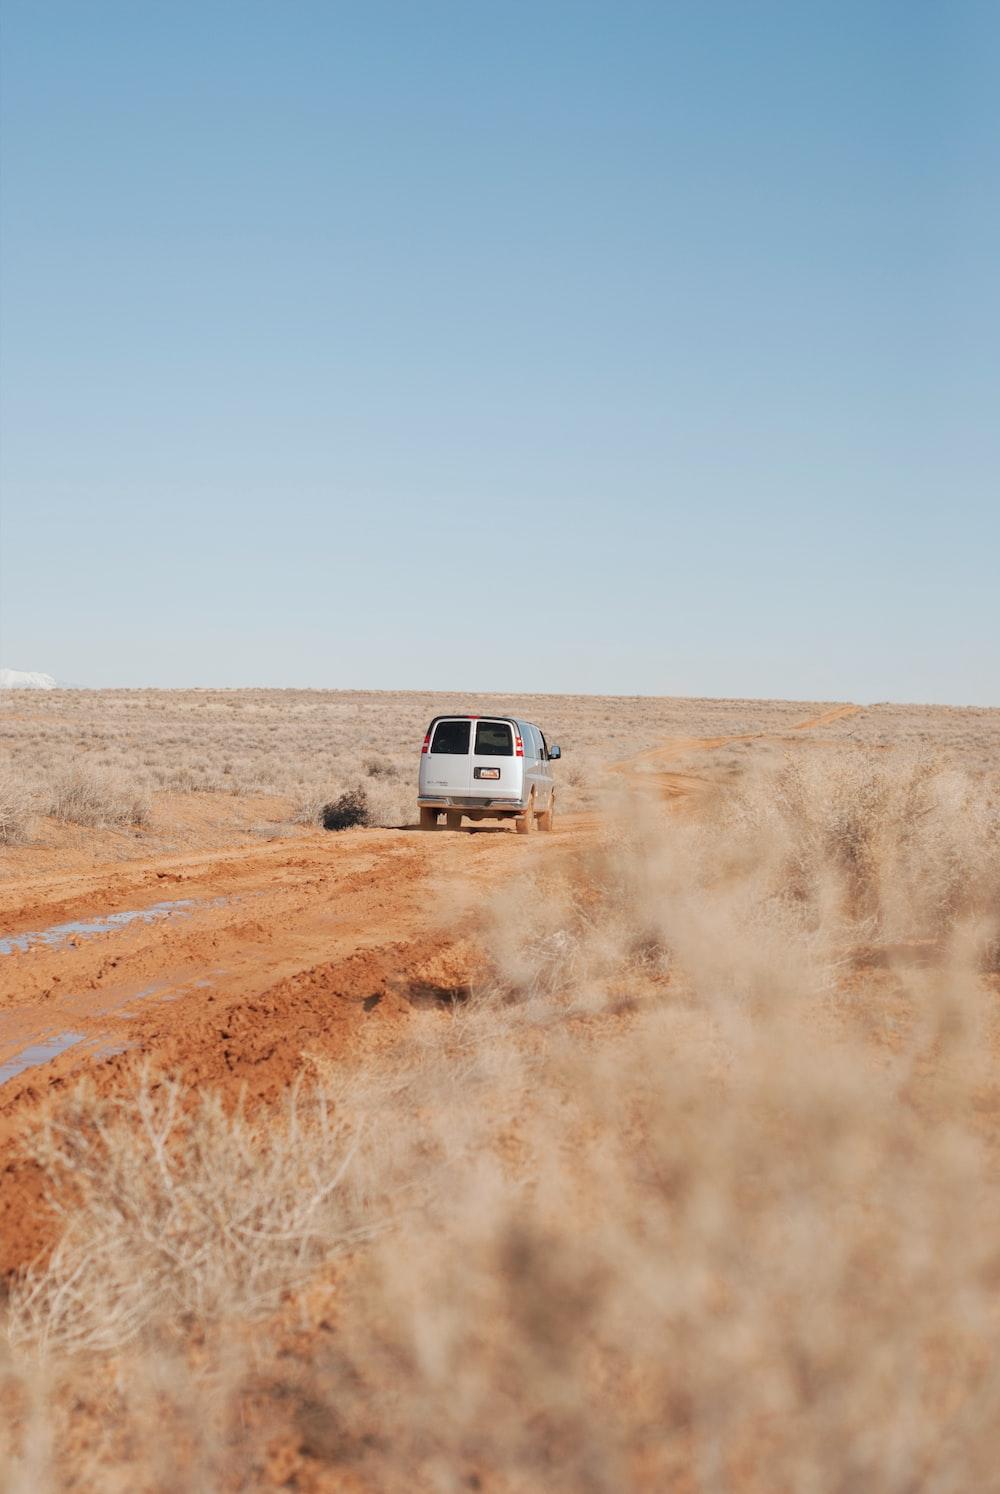 silver van on road